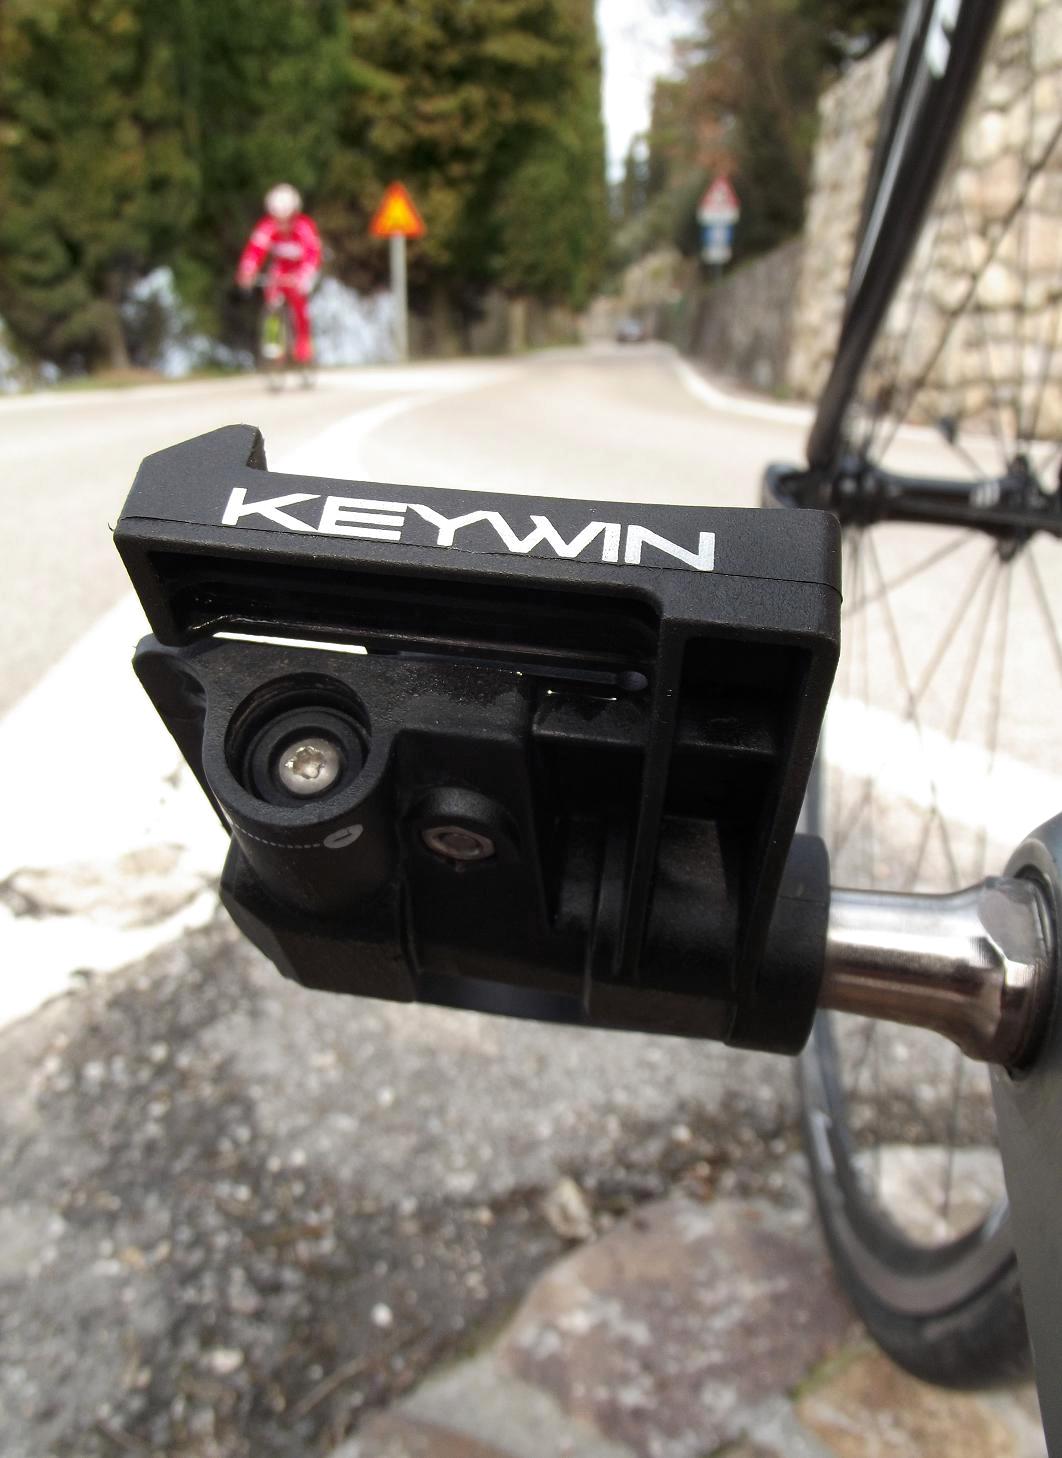 Keywin 2